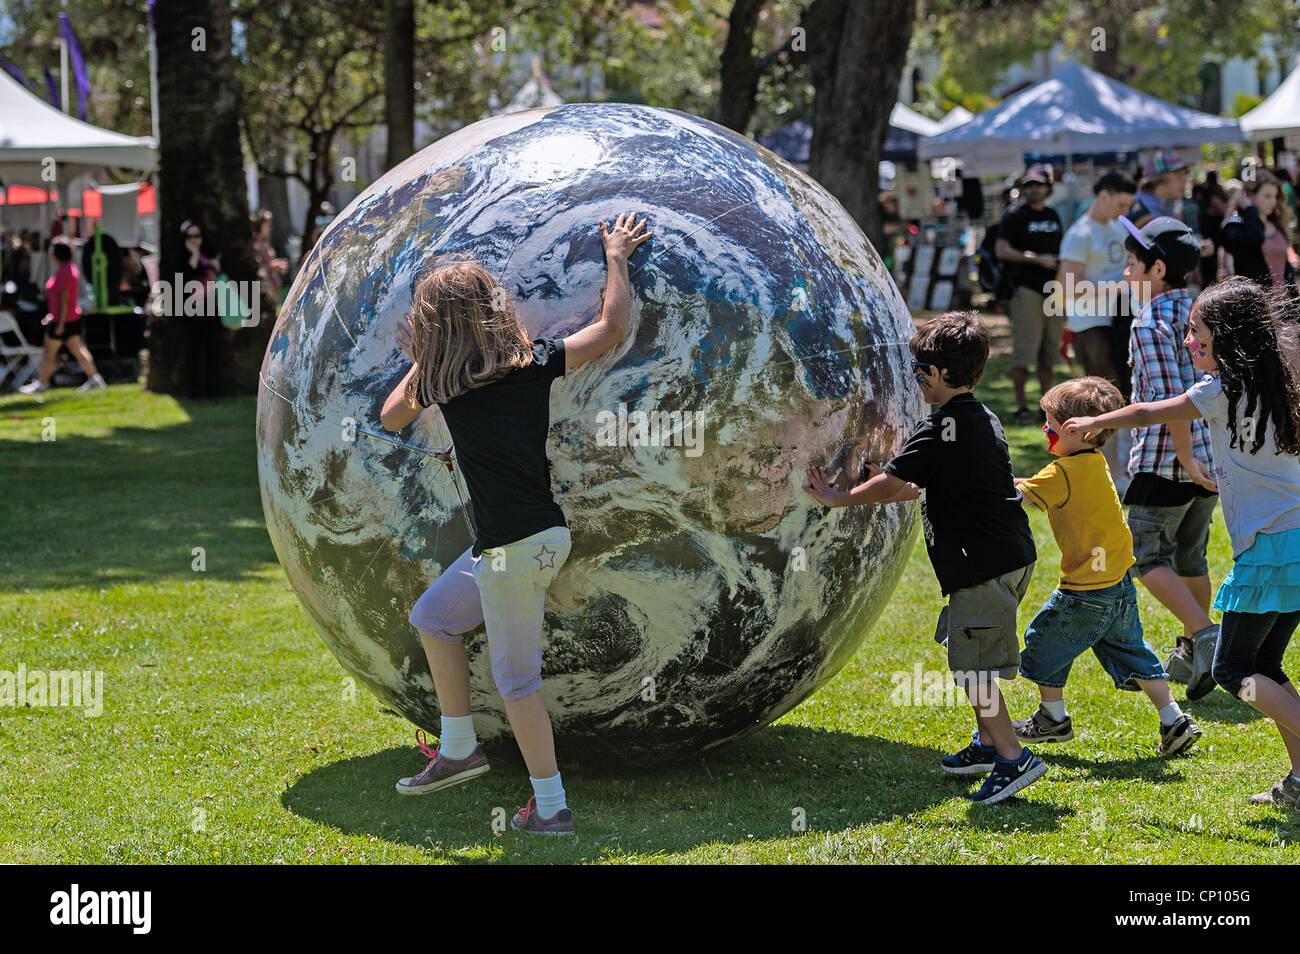 L'enfant doit lancer un géant 'planète Terre' ball gonflable lors de l'assemblée Photo Stock